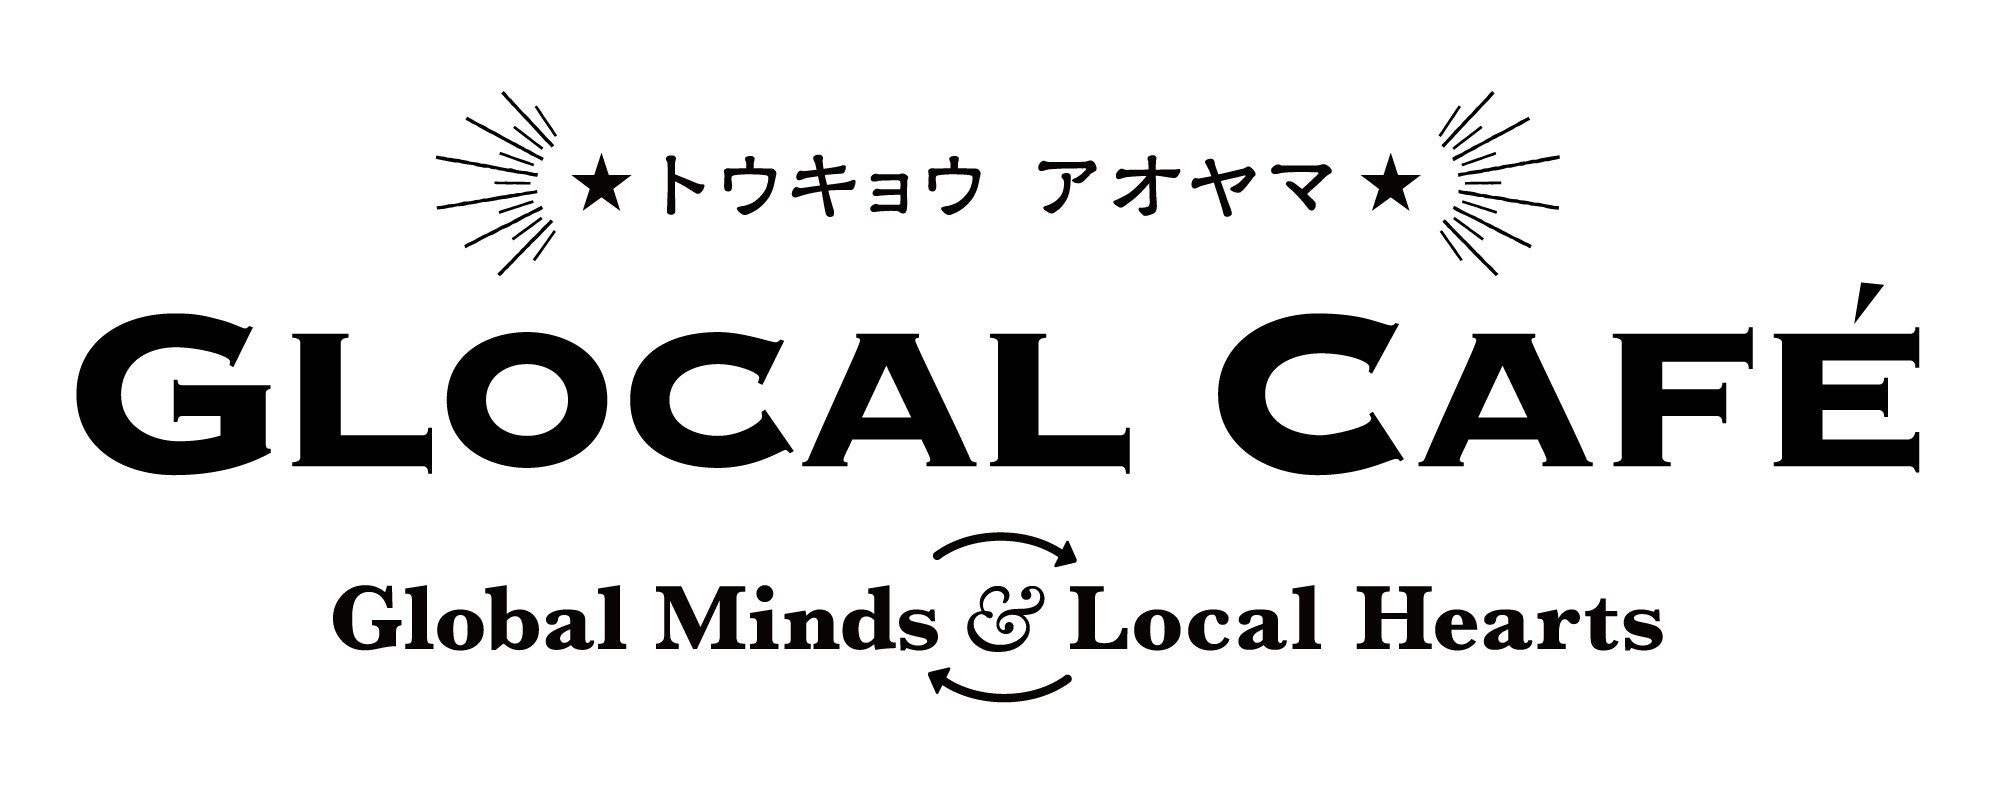 青山グローカルカフェ